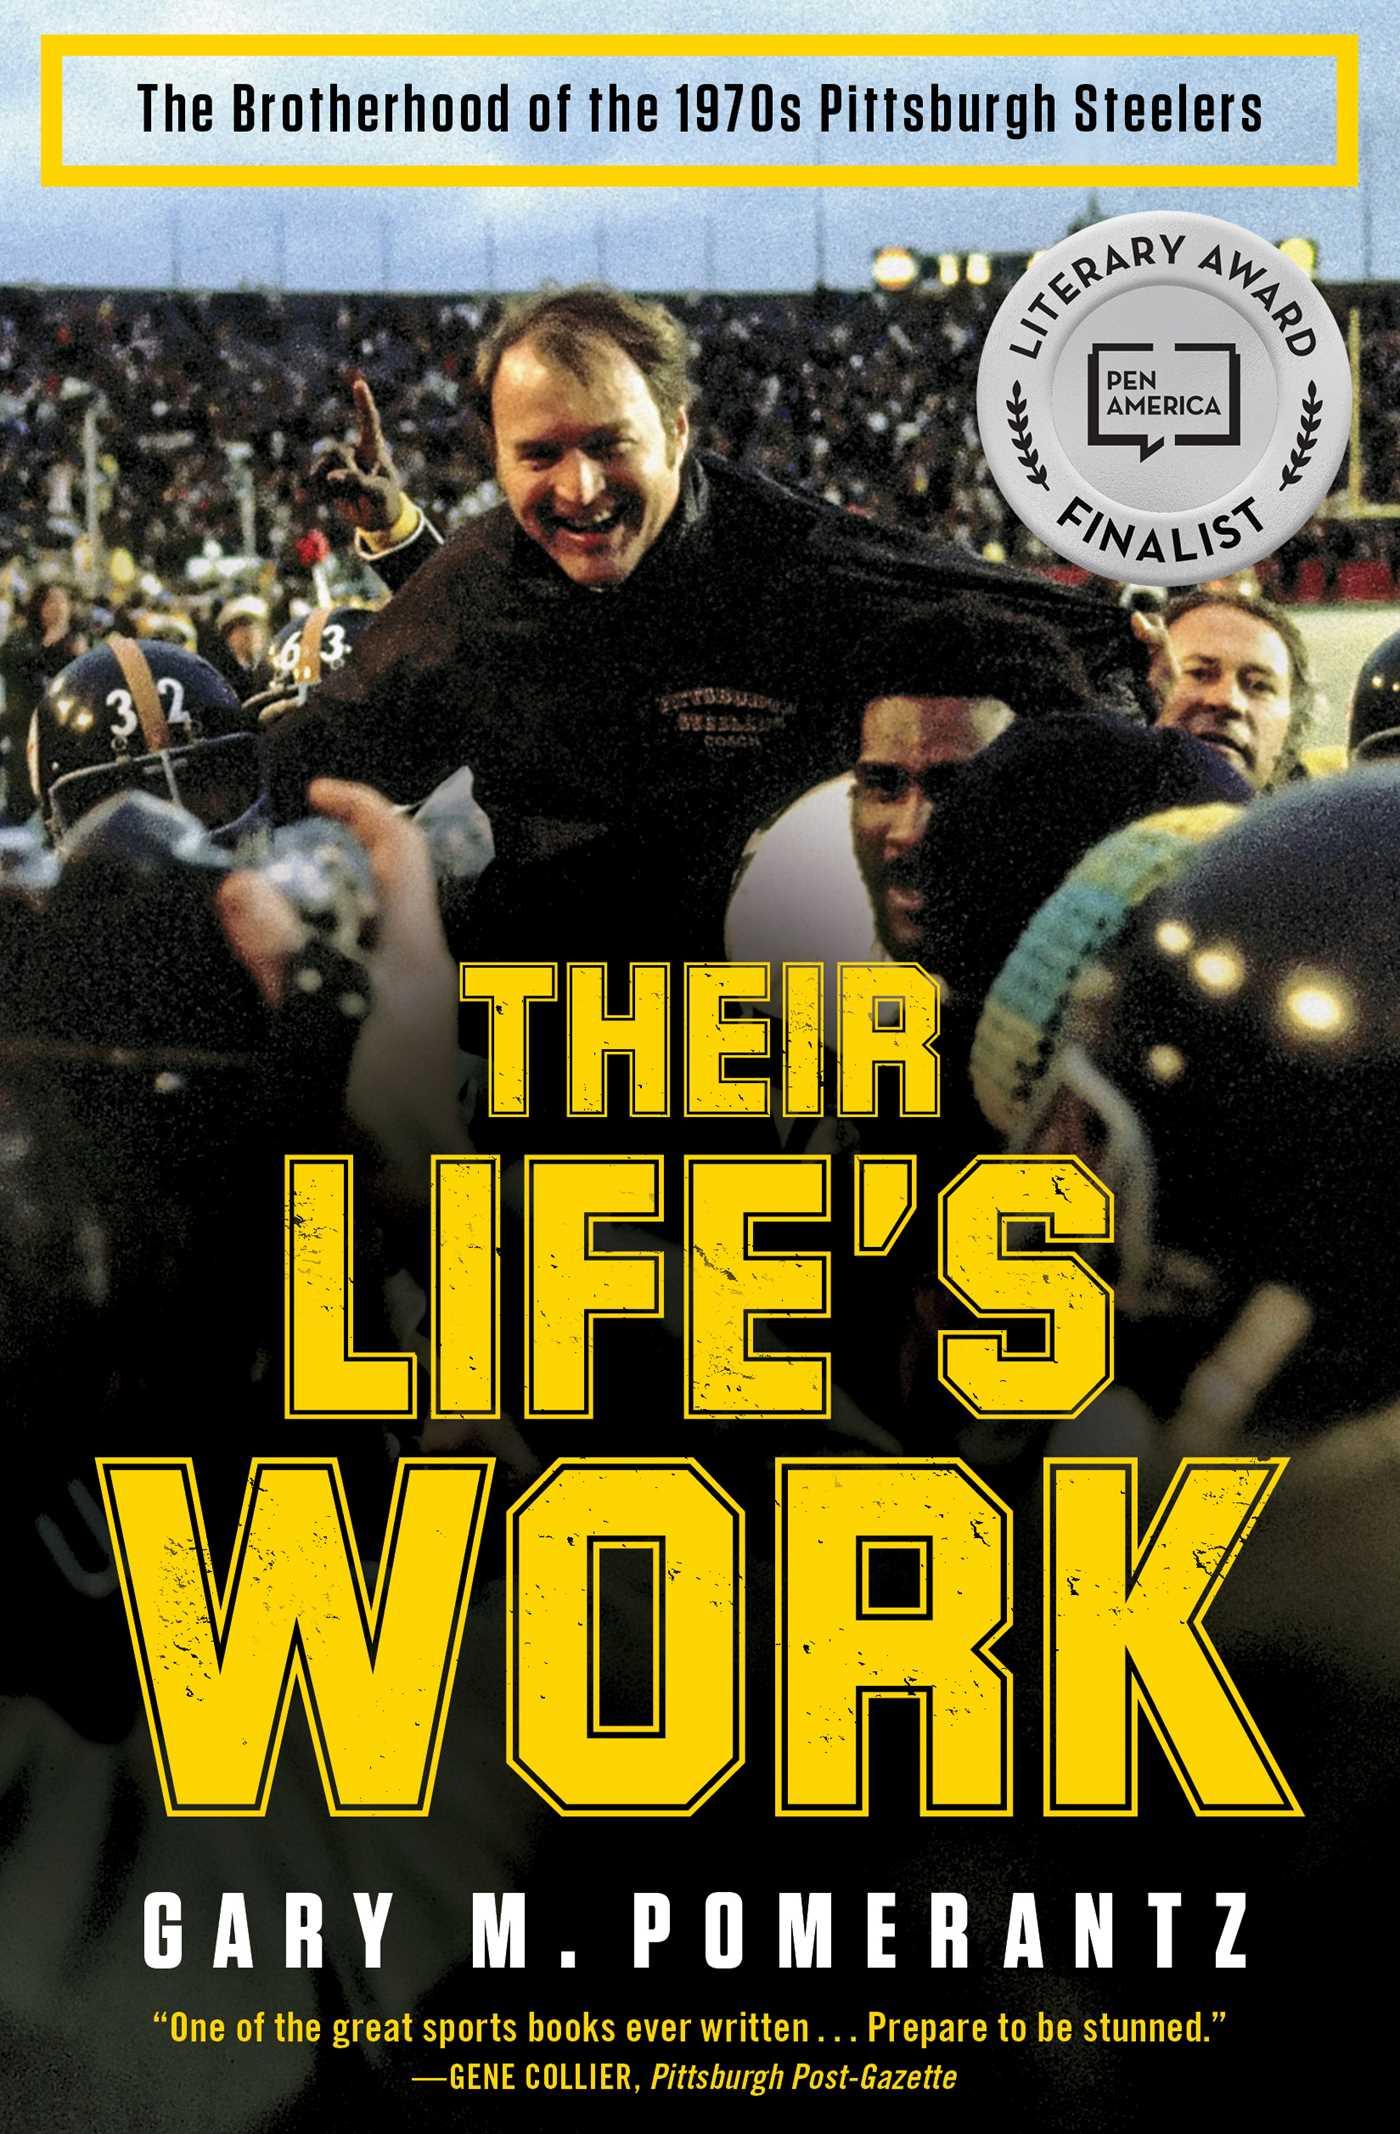 Their lifes work 9781451691641 hr